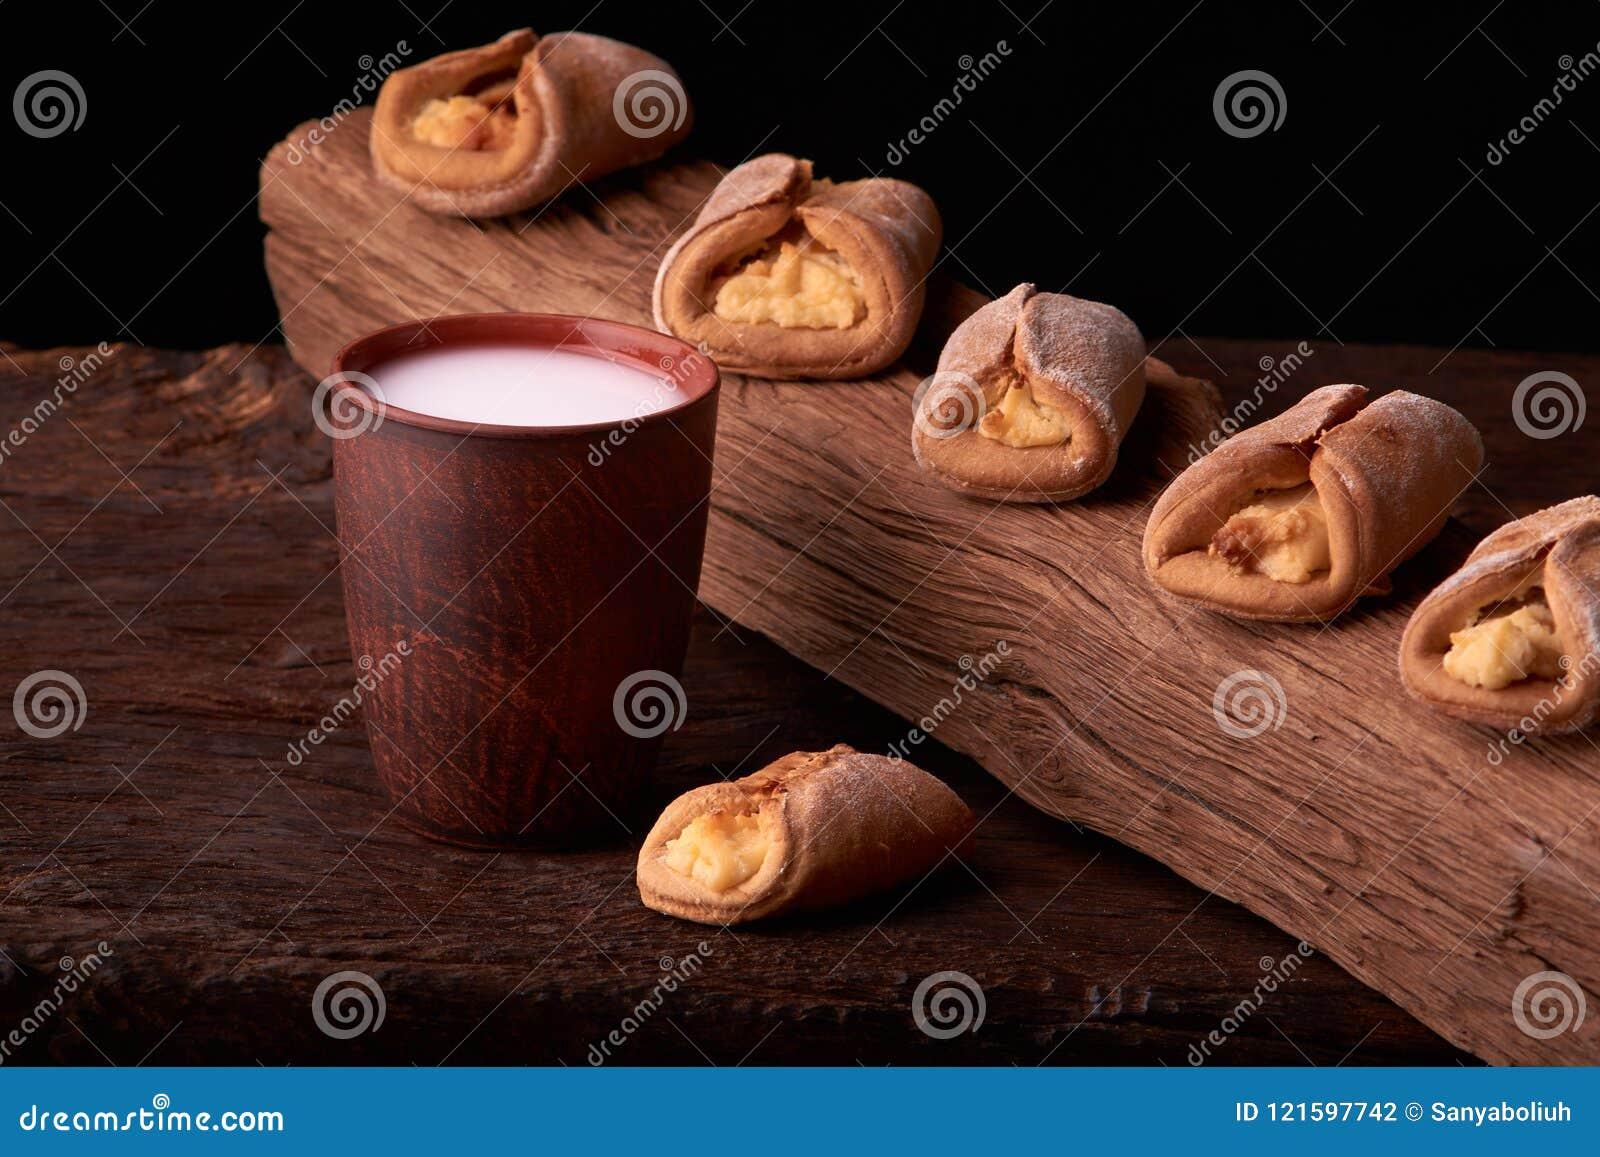 Cookies caseiros do requeijão e leite frio no vidro Close-up Foco seletivo